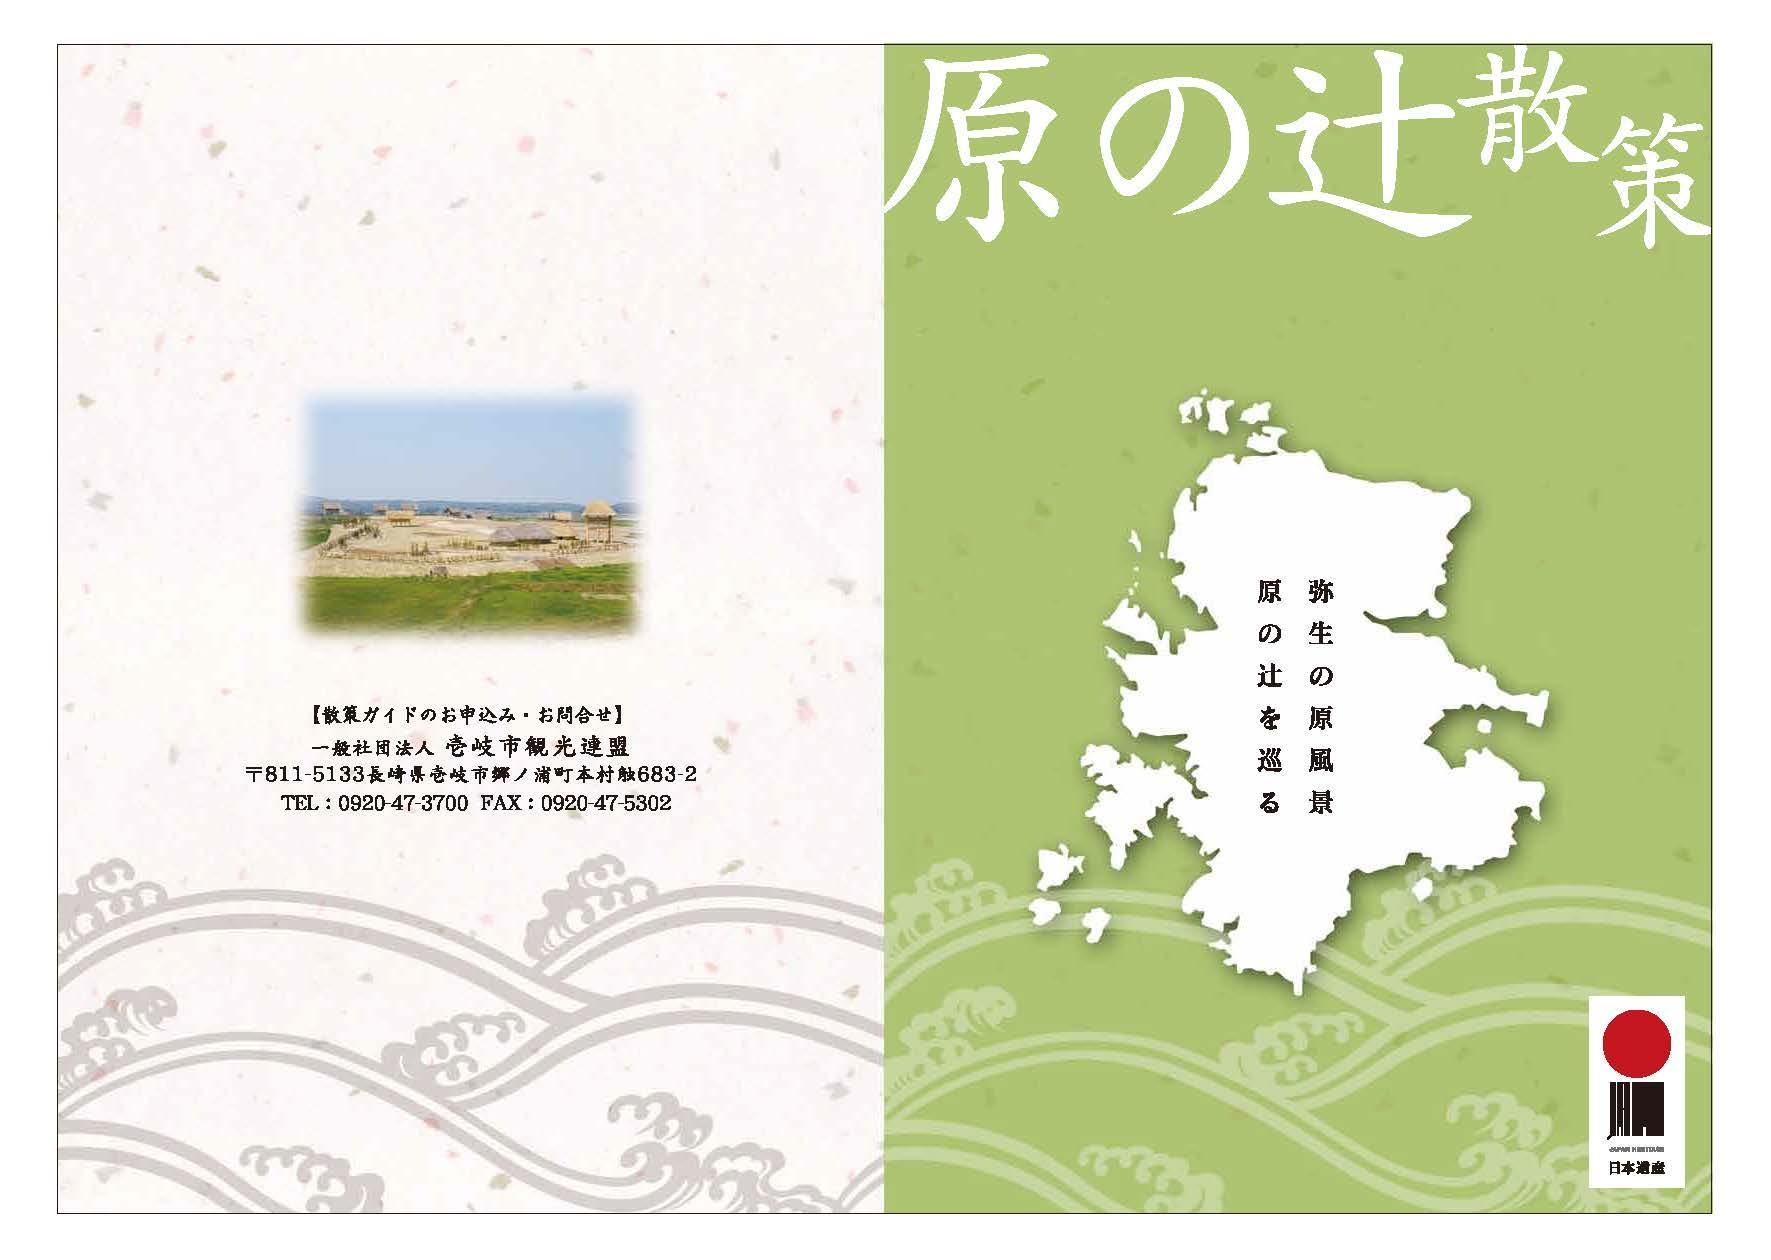 原の辻散策マップ-1